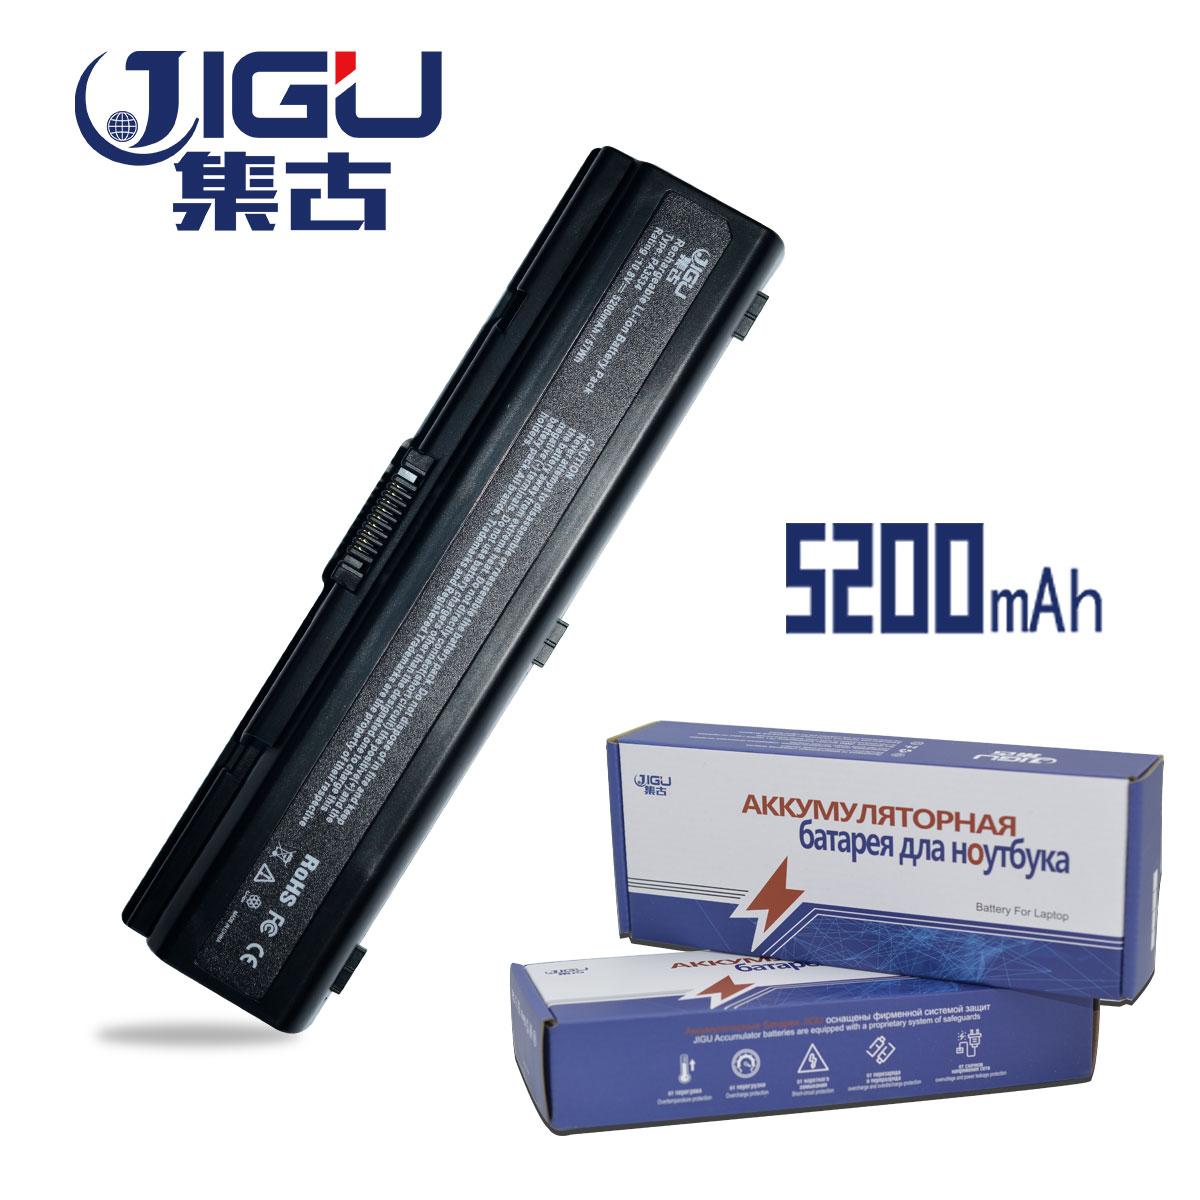 JIGU Laptop Battery For Toshiba Satellite A500 L203 L500 L505 L555 M205 M207 M211 M216 M212 Pro A210 L300D L450 A200 L300 L550 new us keyboard black for toshiba satellite a500 a505 p200 p300 p505 l500 l505 l535 l550 l350 x505 x500 f501 laptop us keyboard